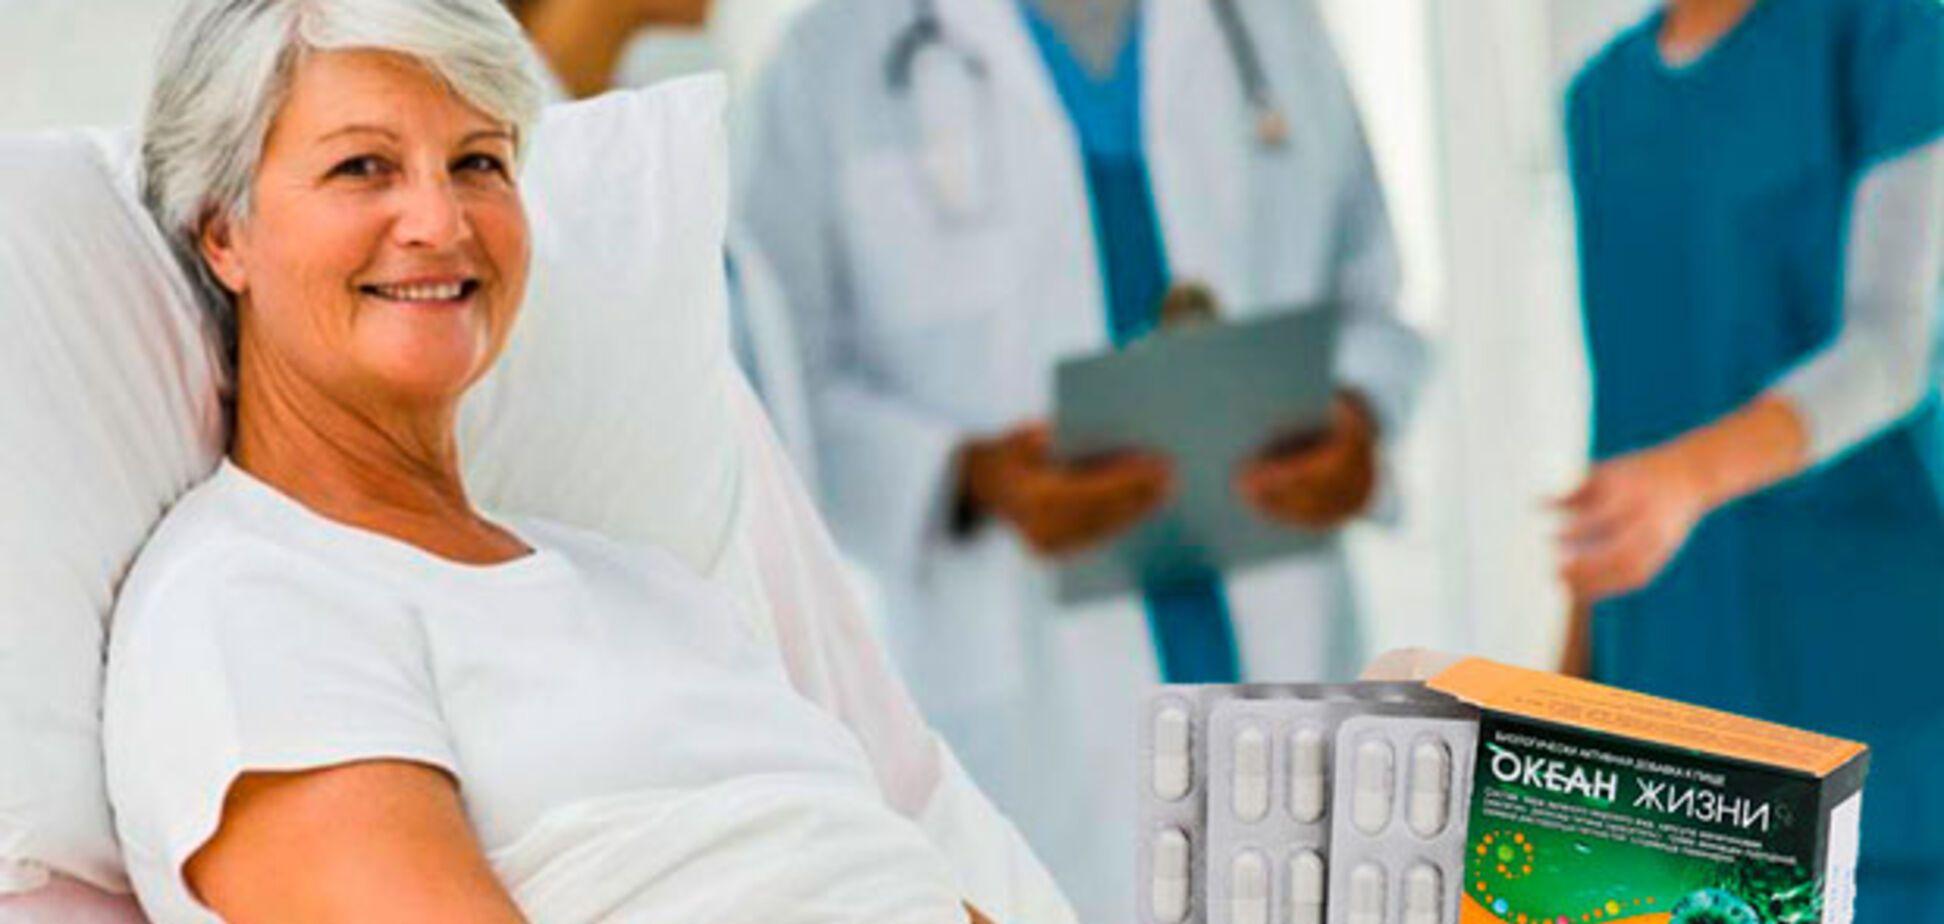 Как обманывают онко-клиники: на что стоит обратить внимание